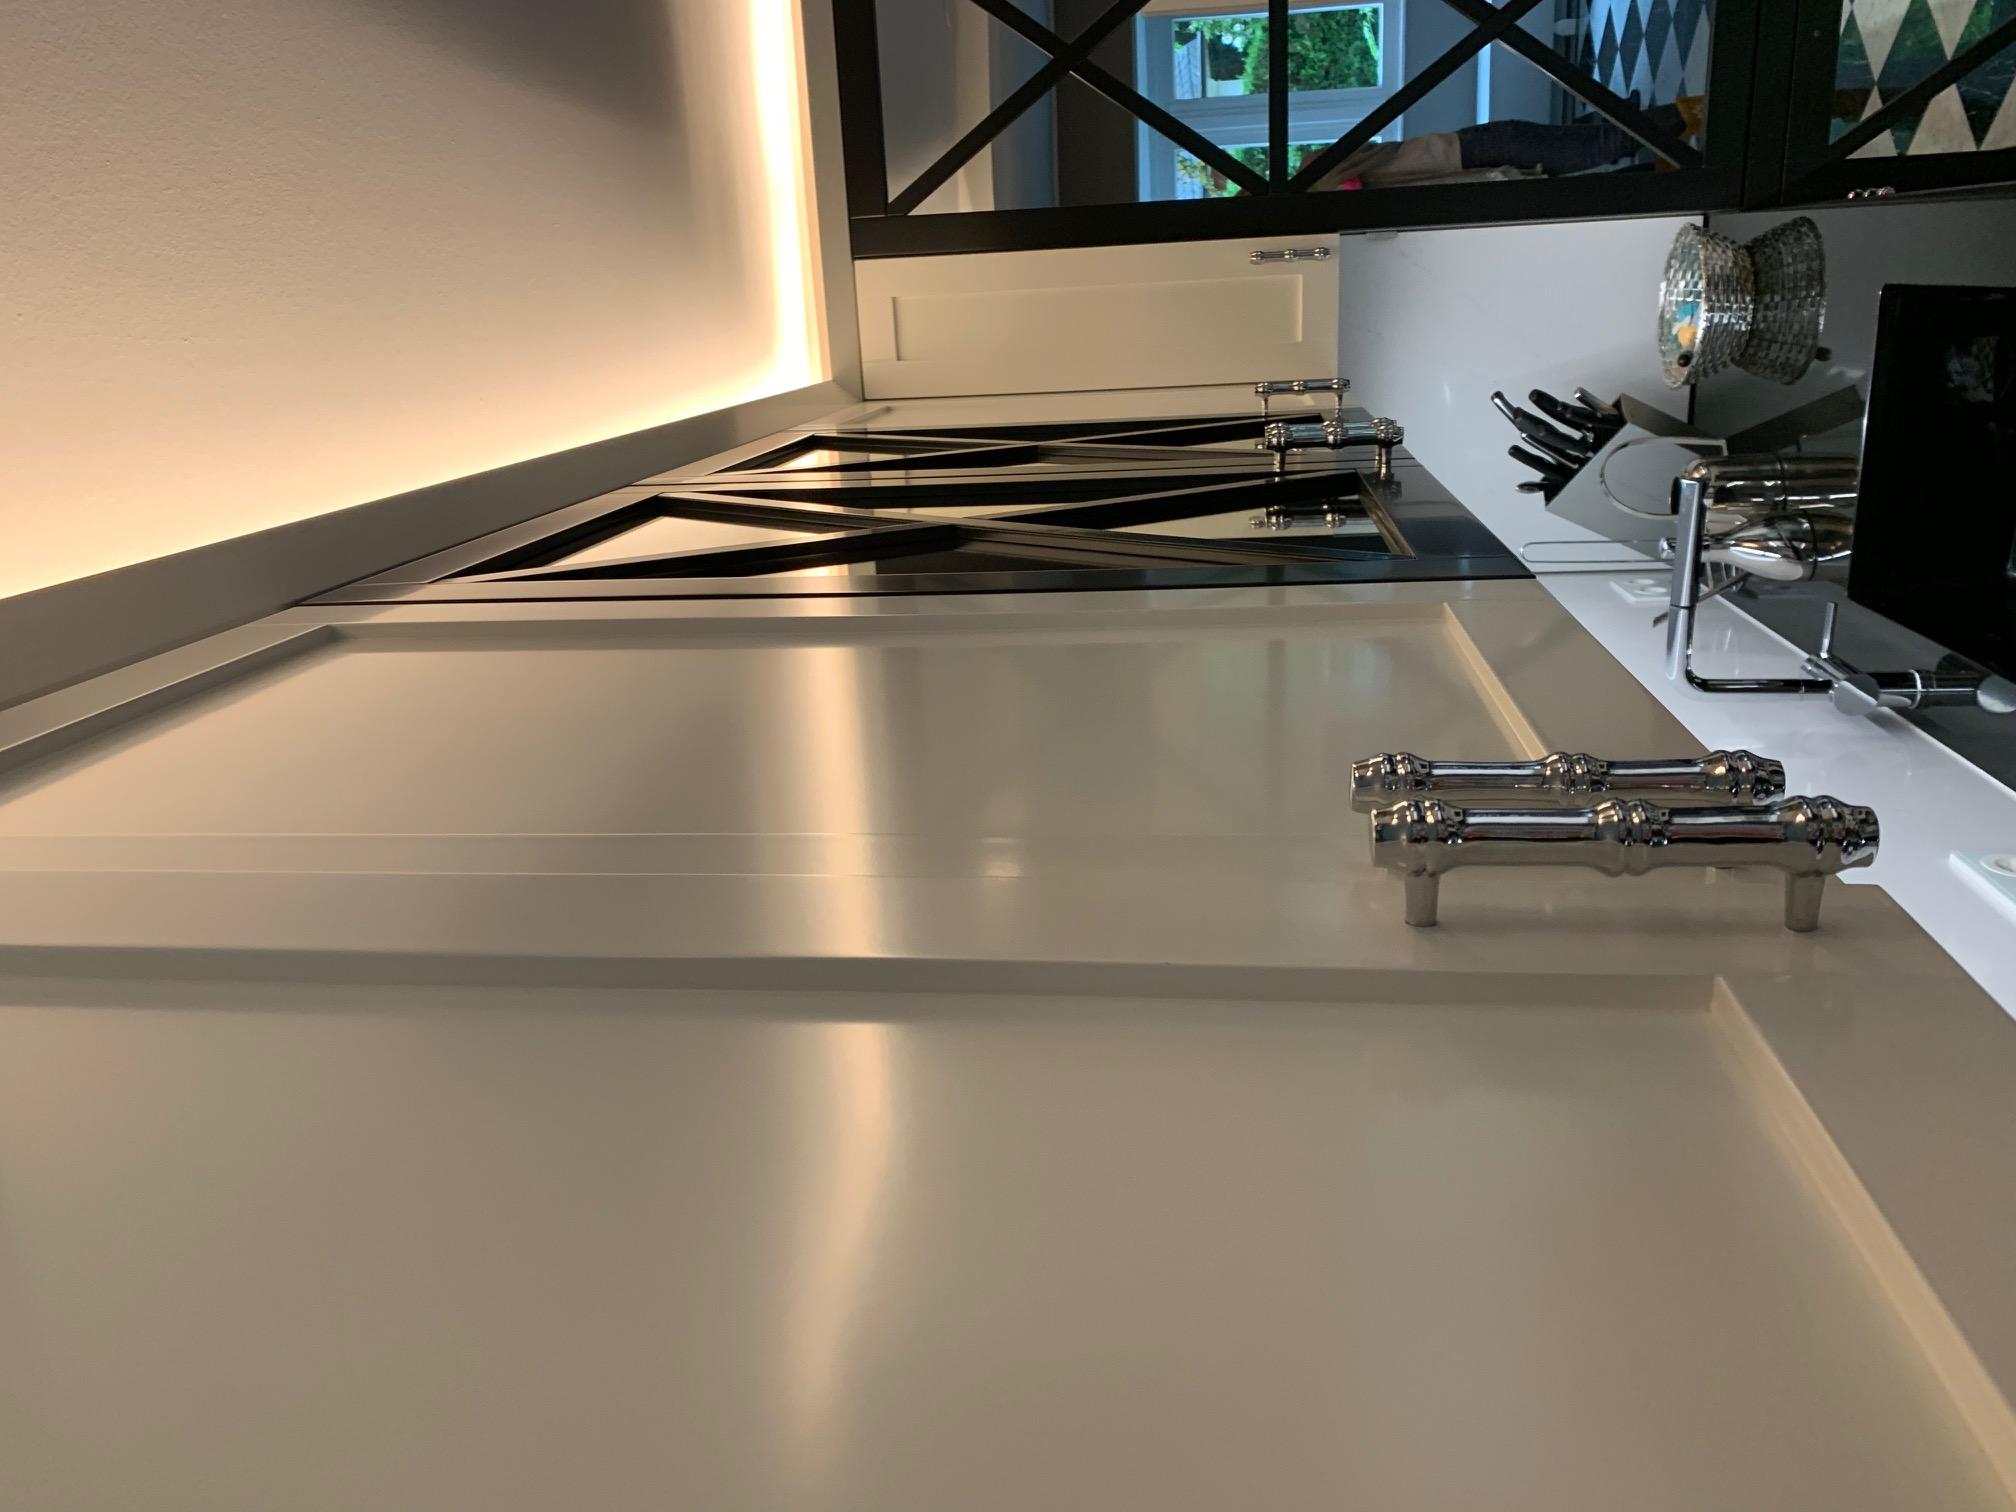 Küchen Design & Umsetzung